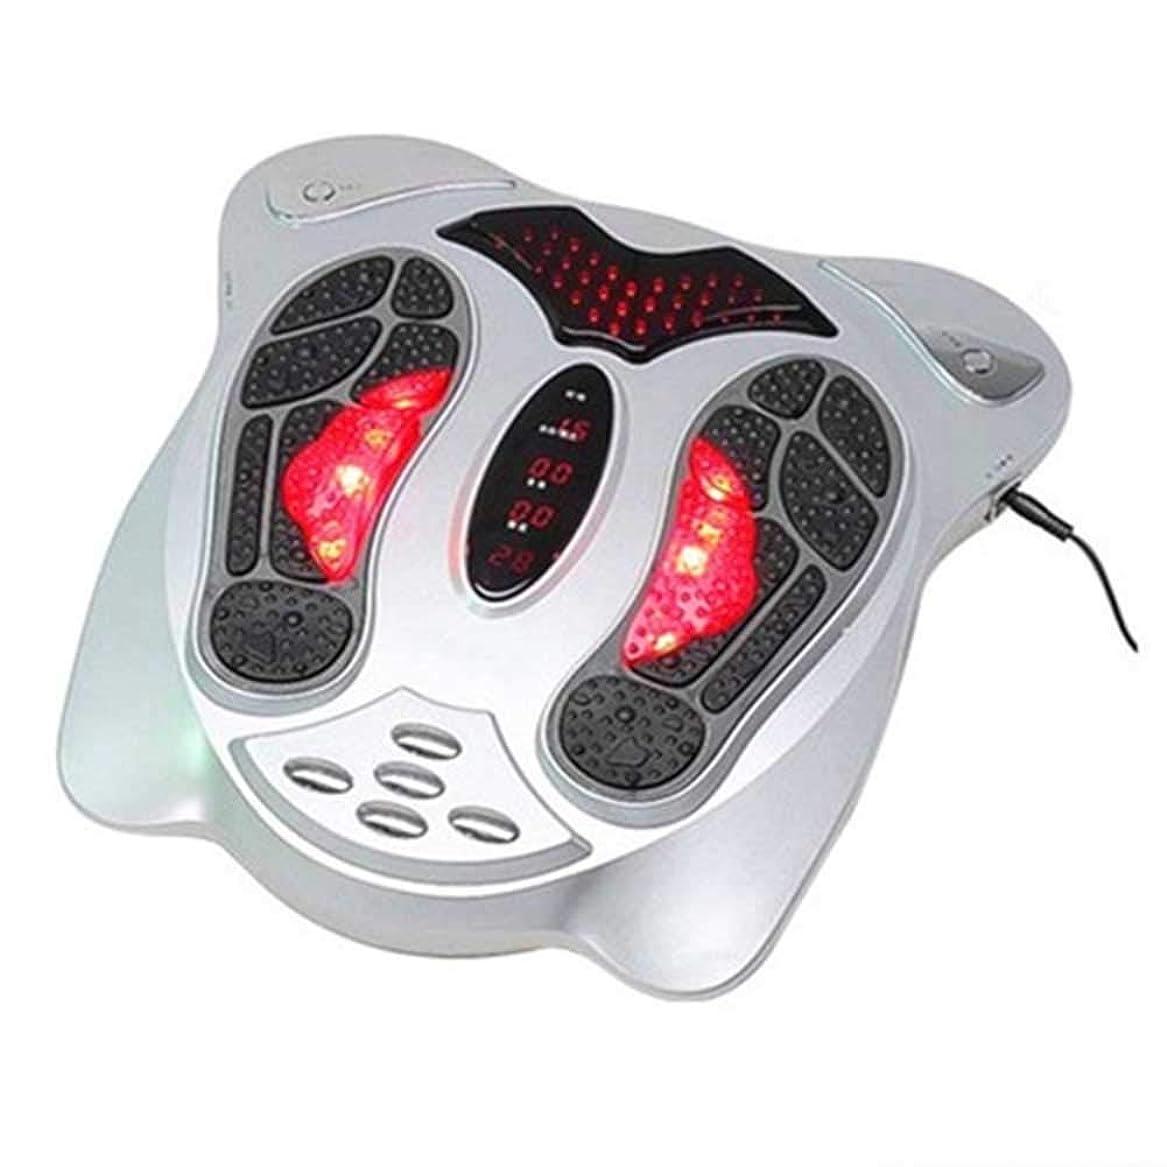 聴衆対人モンスター血液循環を促進リモートコントロールフットマッサージャー電気脚低周波パルス鍼マッサージャー低周波健康療法機器インテリジェント、シルバー